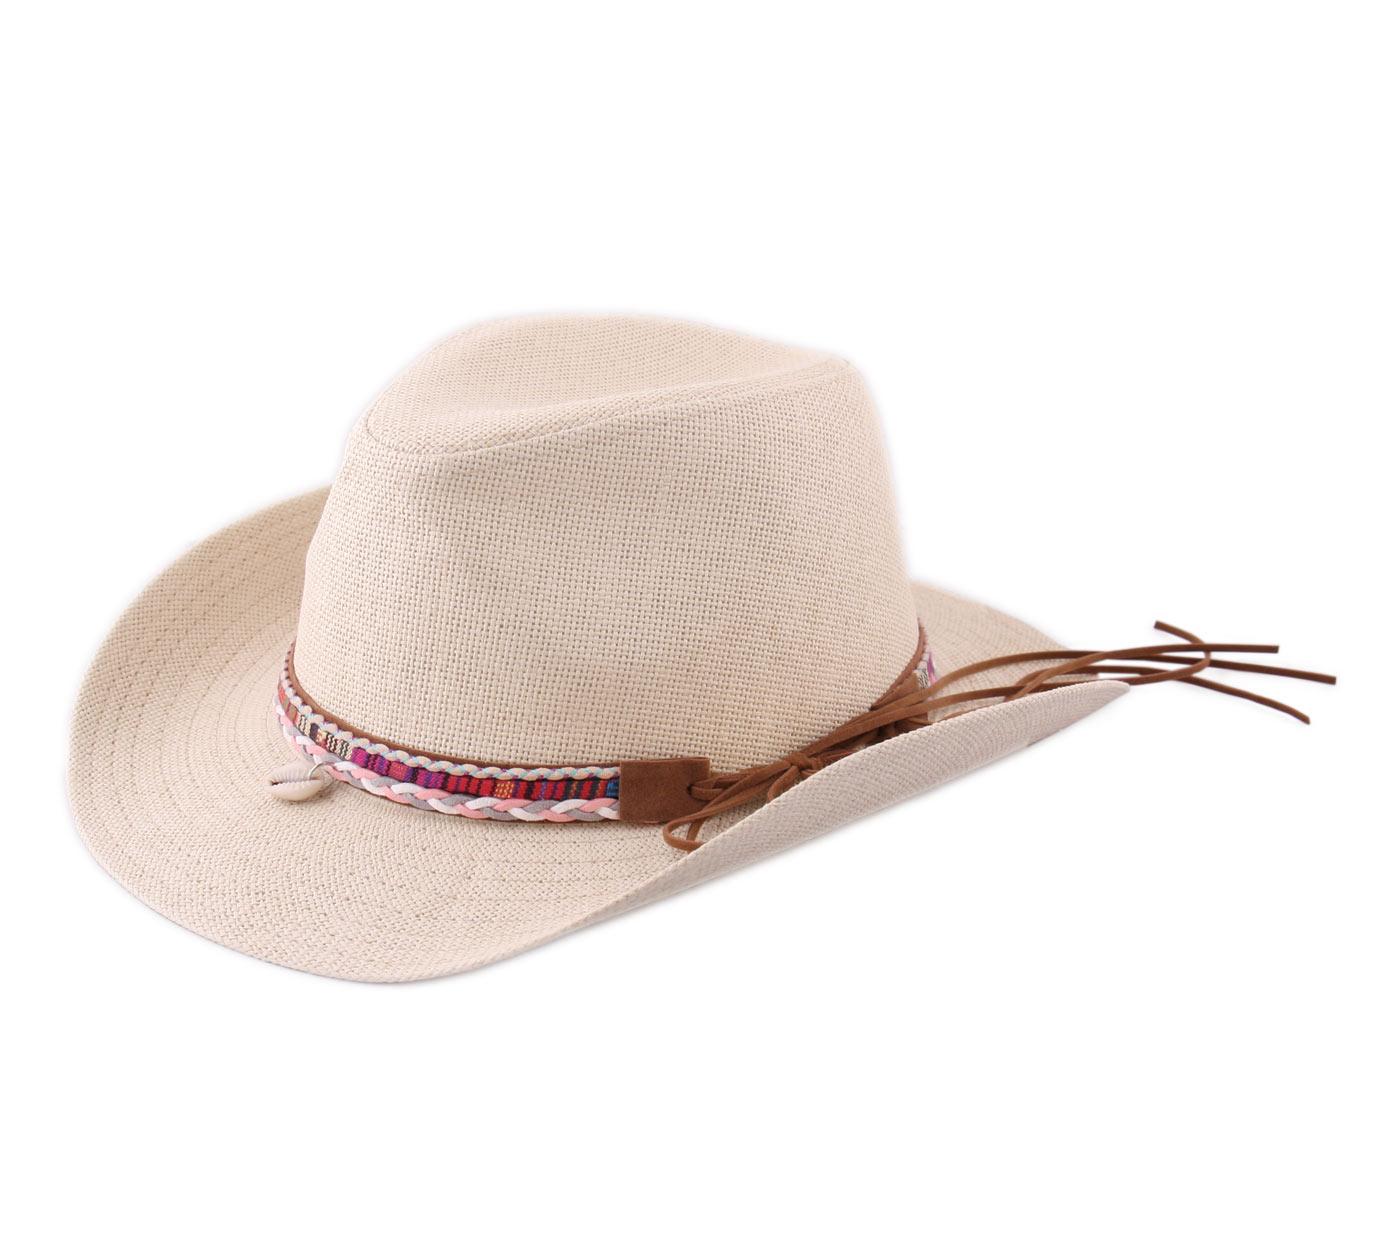 fffa8b57efa64 Chapeau western femme Miami - Chapeau